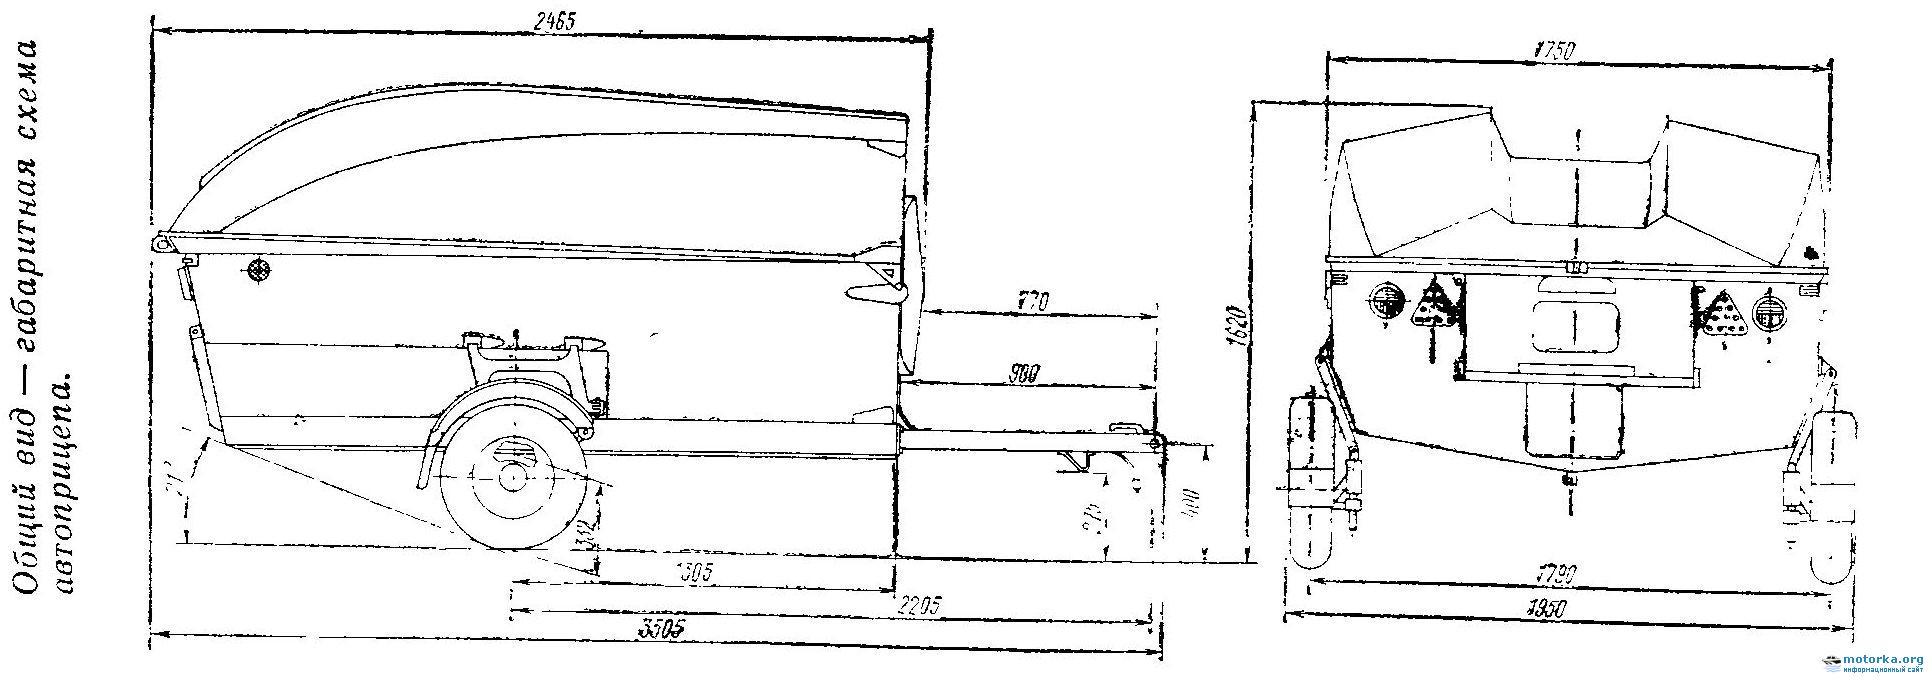 Прицеп для лодки своими руками - инструкция по изготовлению 63